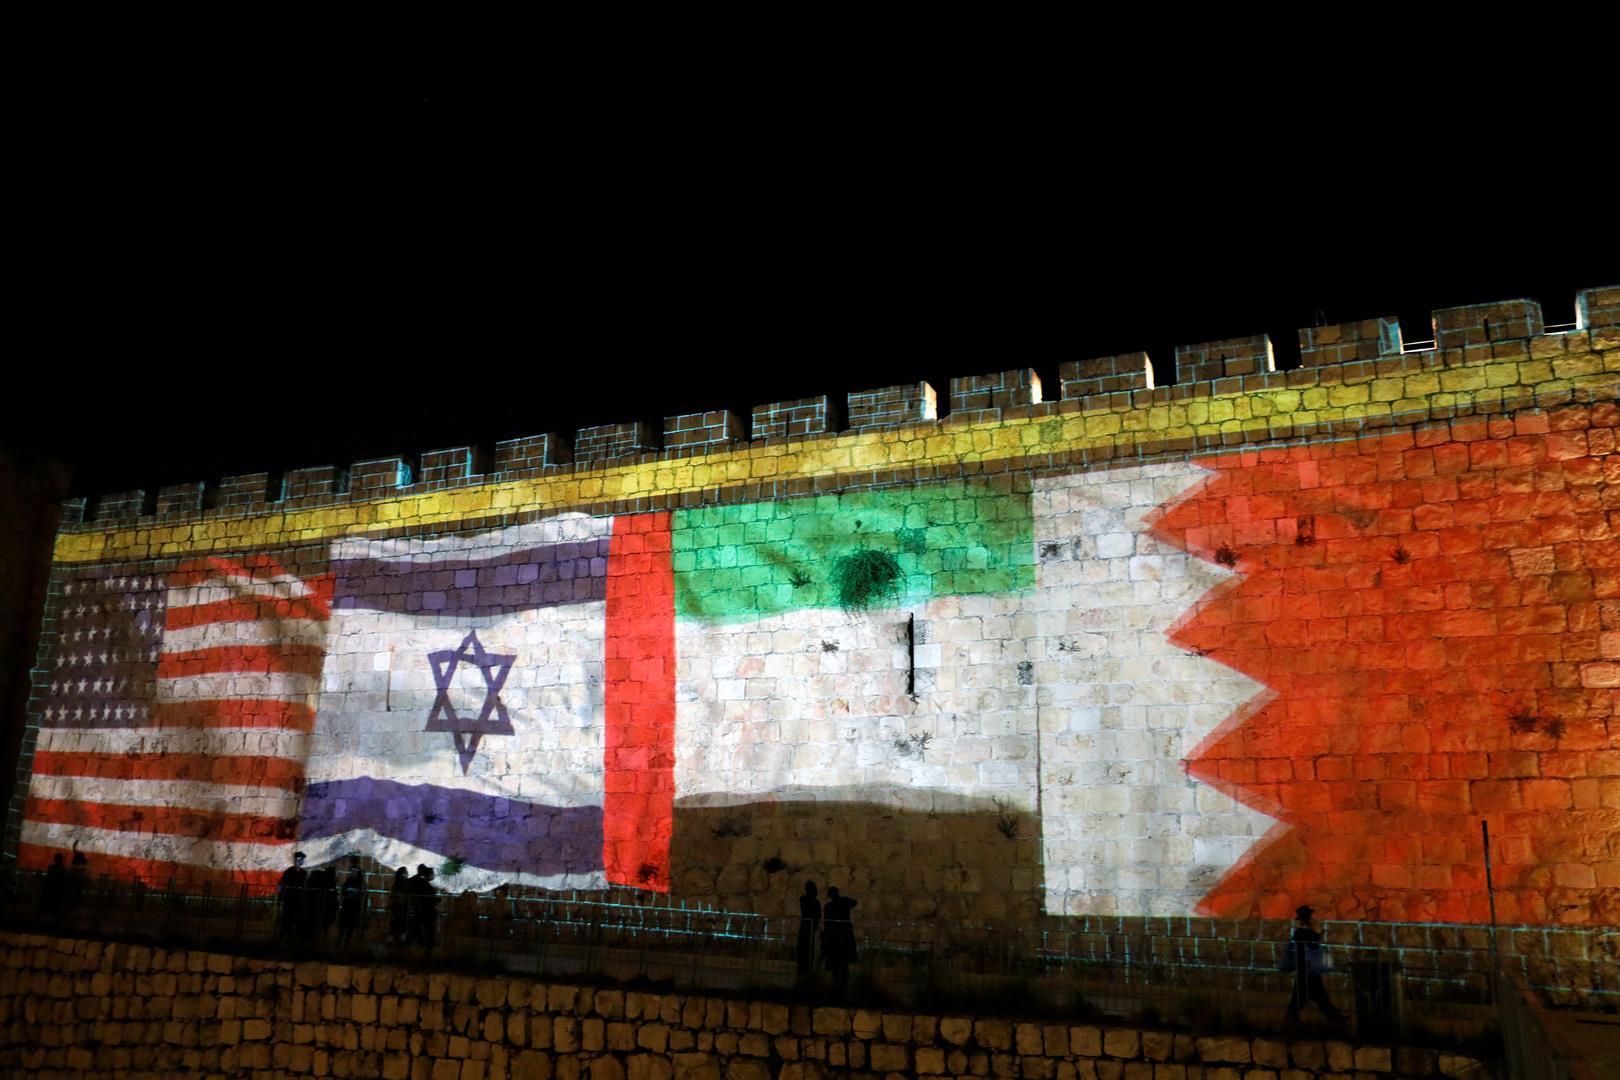 أعلام البحرين والإمارات وإسرائيل والولايات المتحدة